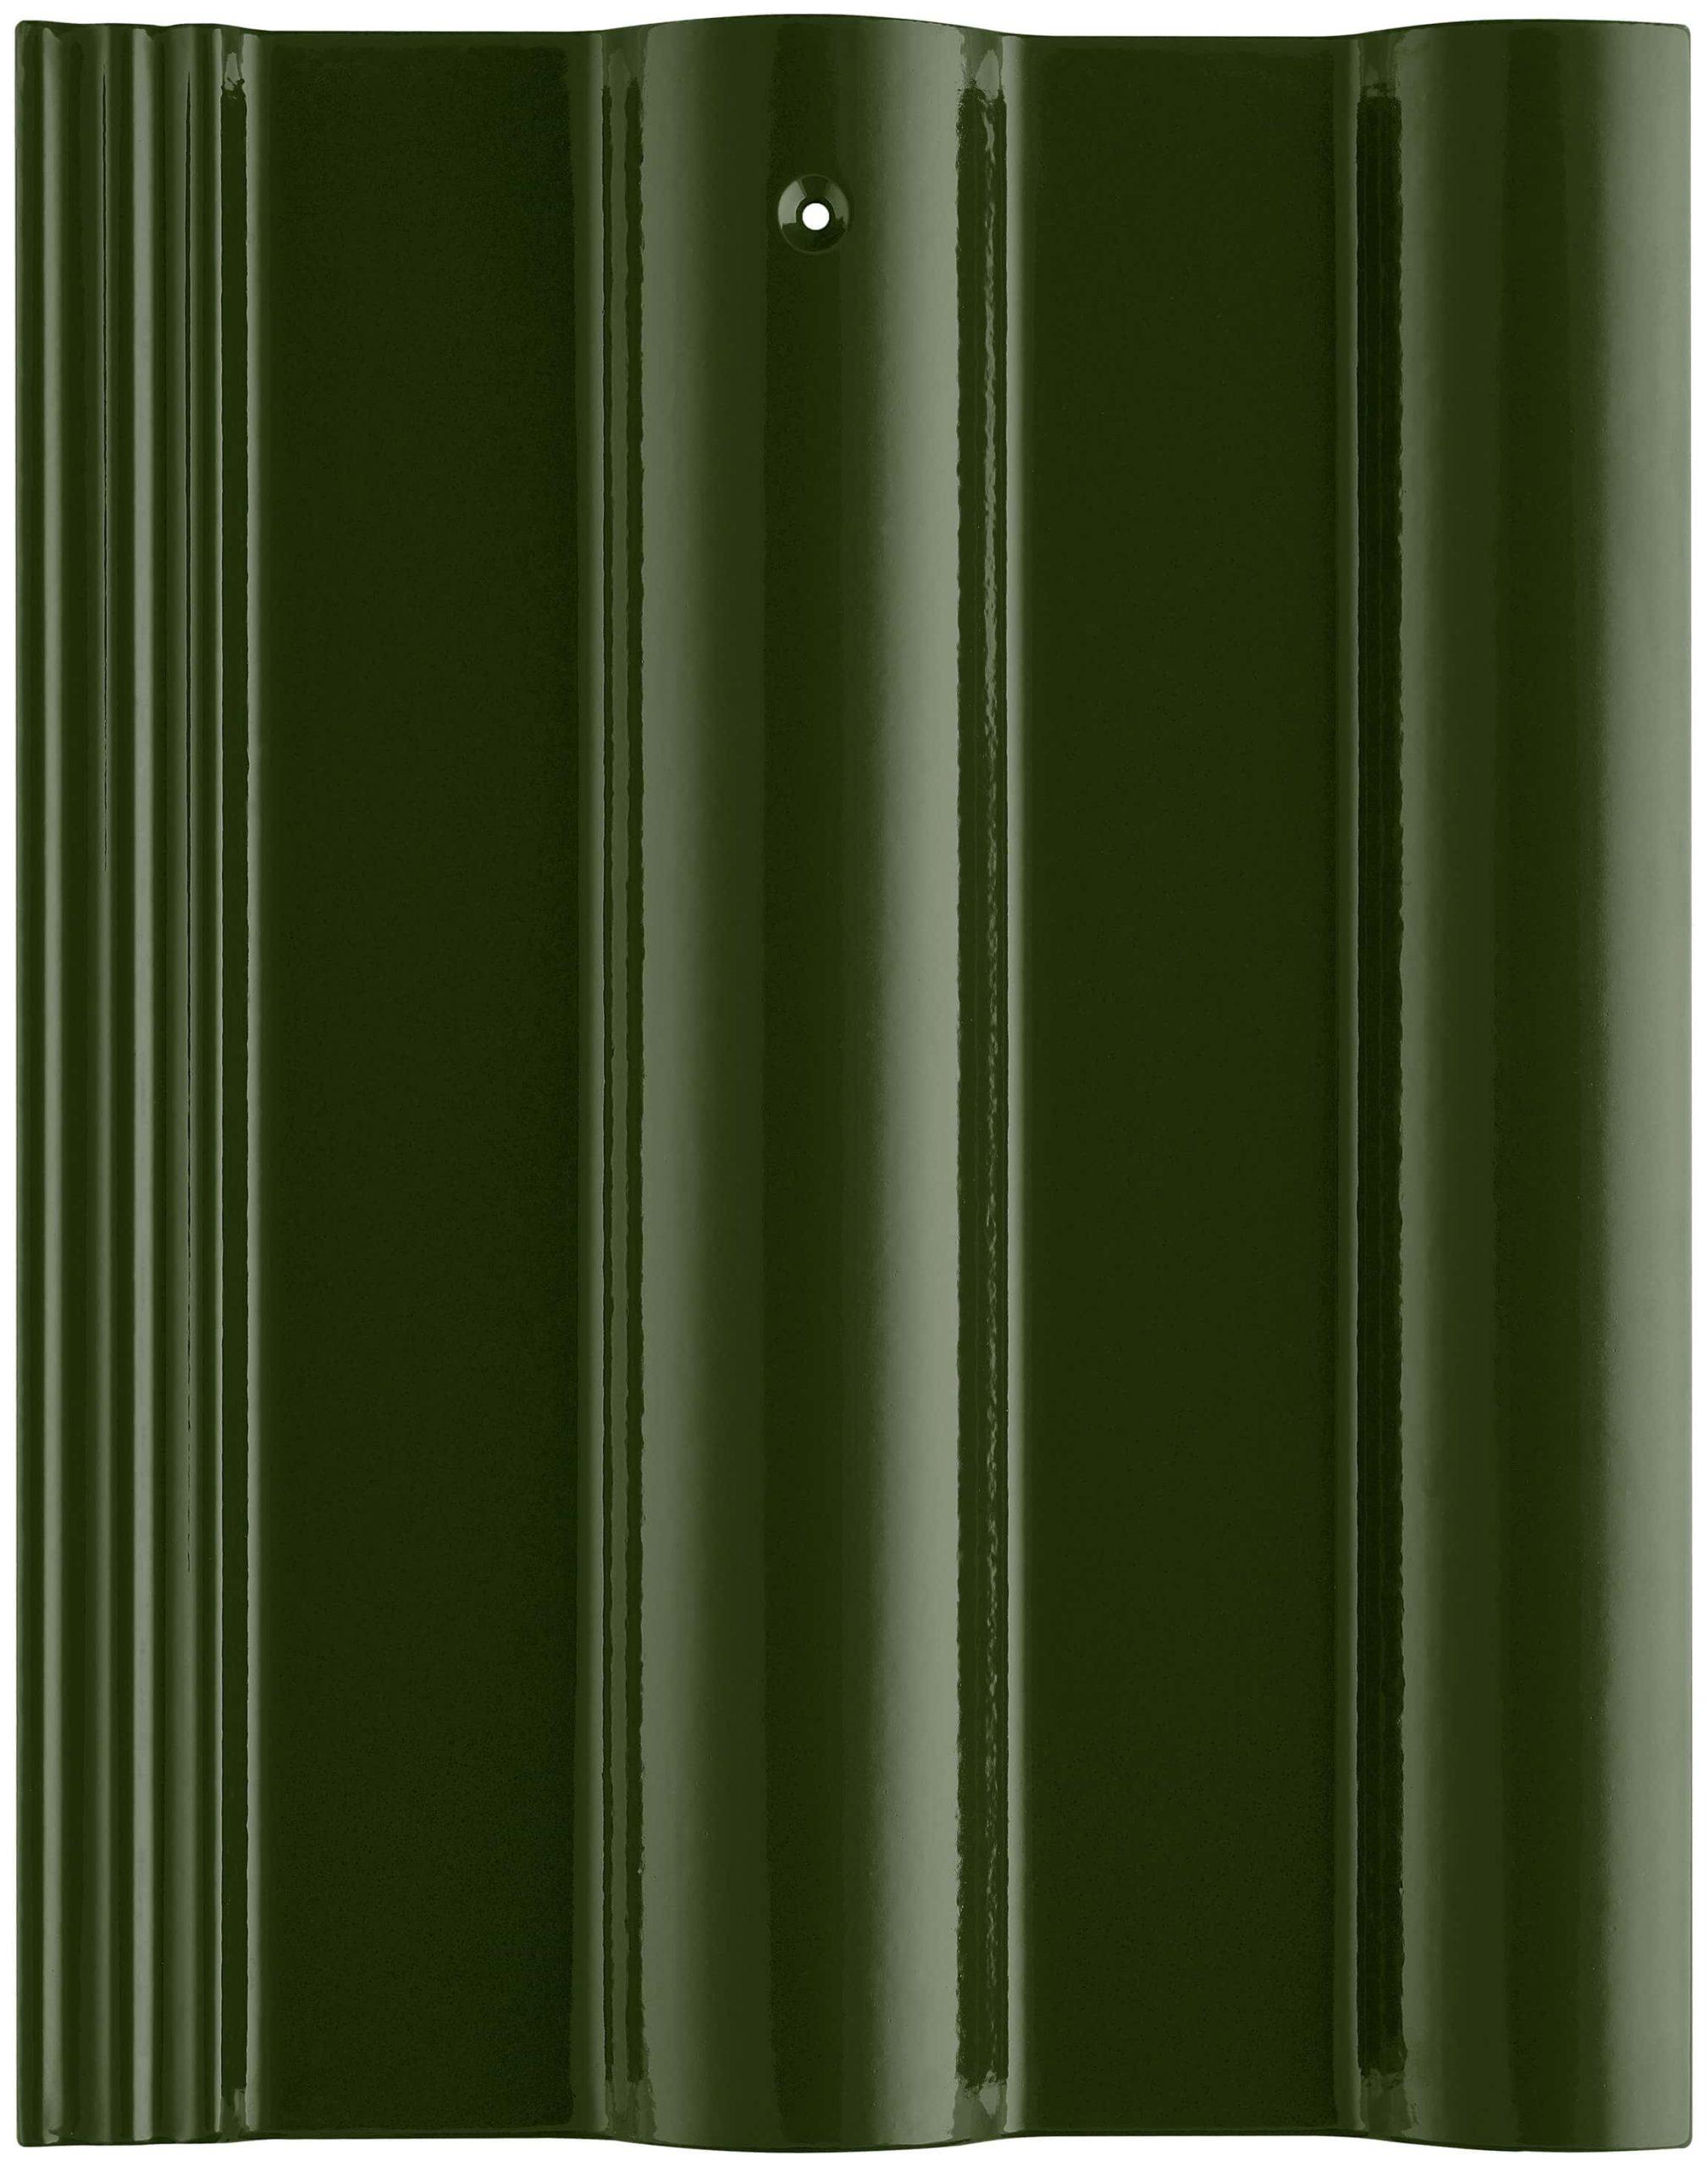 SCG Ceramic Roof Tile - EXCELLA Classic Green Jadeite